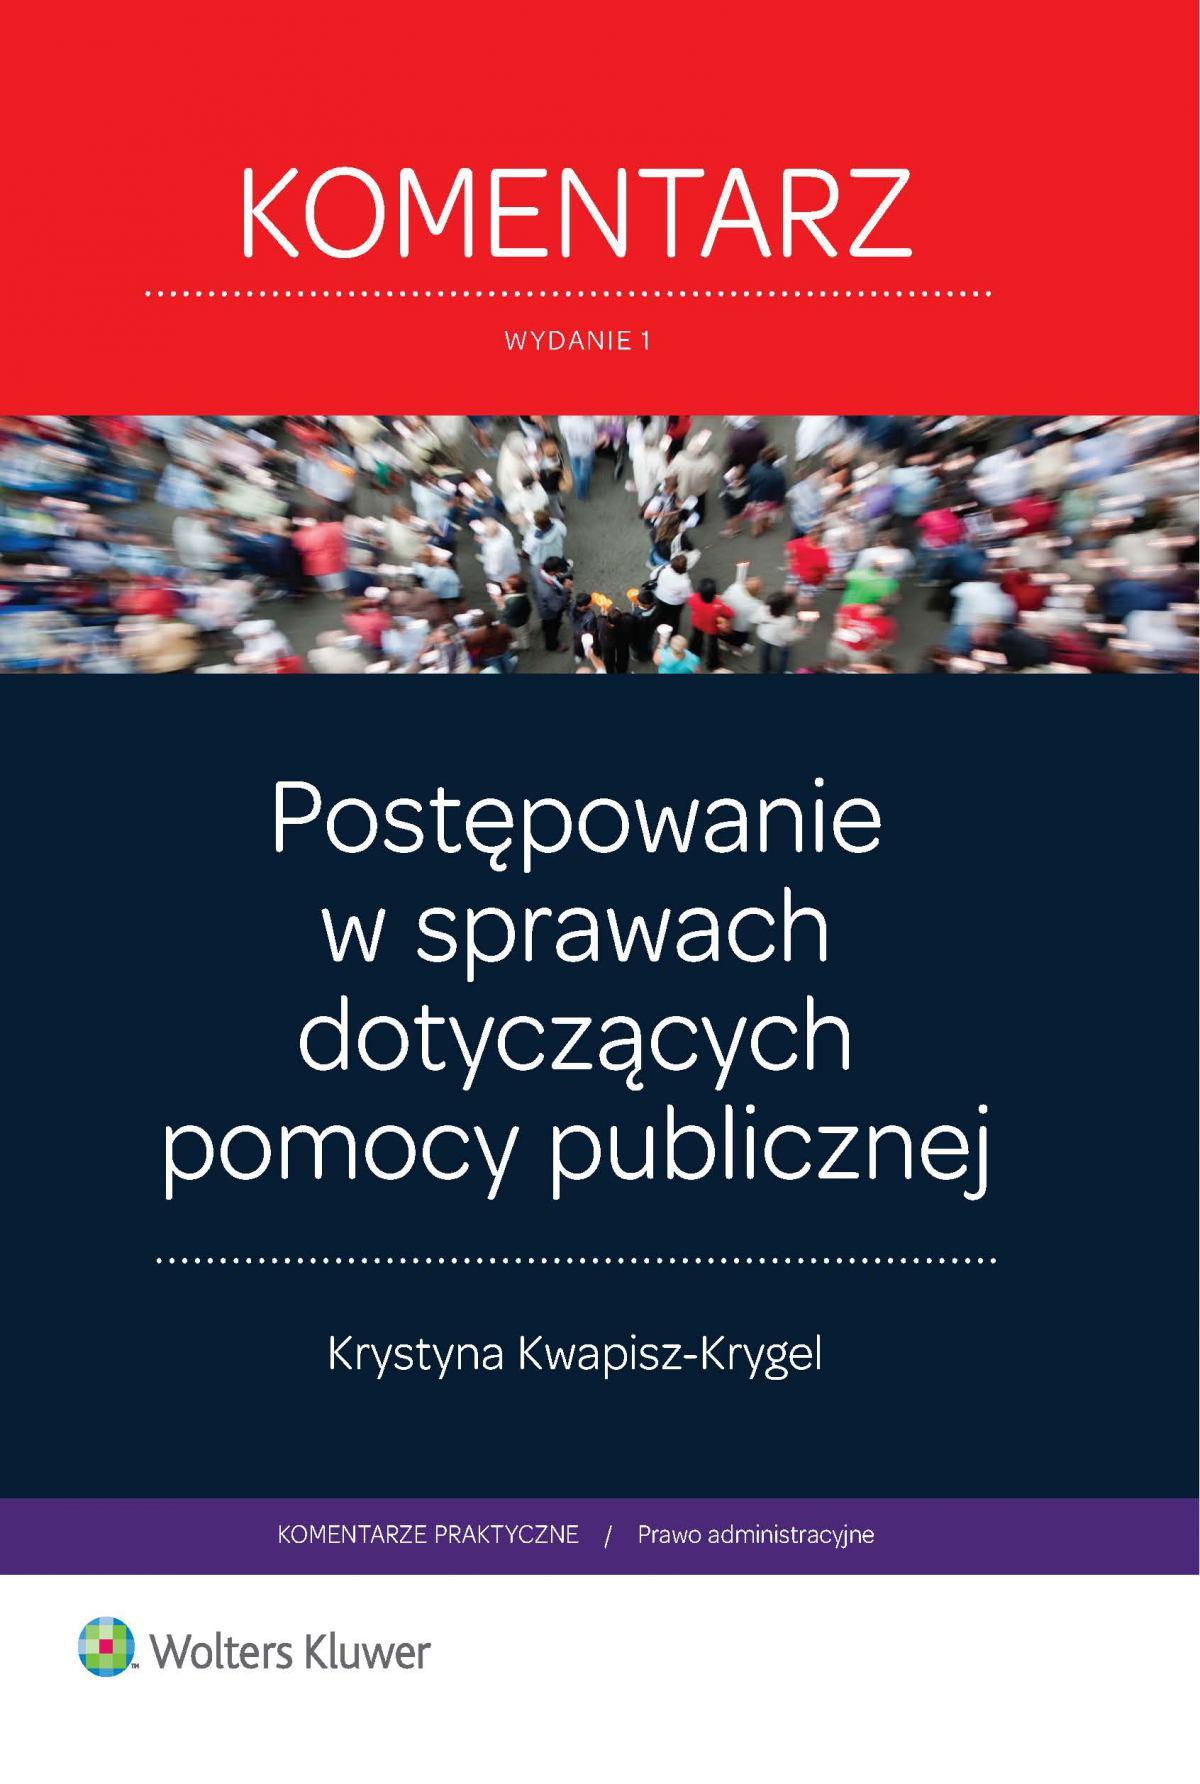 Postępowanie w sprawach dotyczących pomocy publicznej. Wydanie 1 - Ebook (Książka EPUB) do pobrania w formacie EPUB